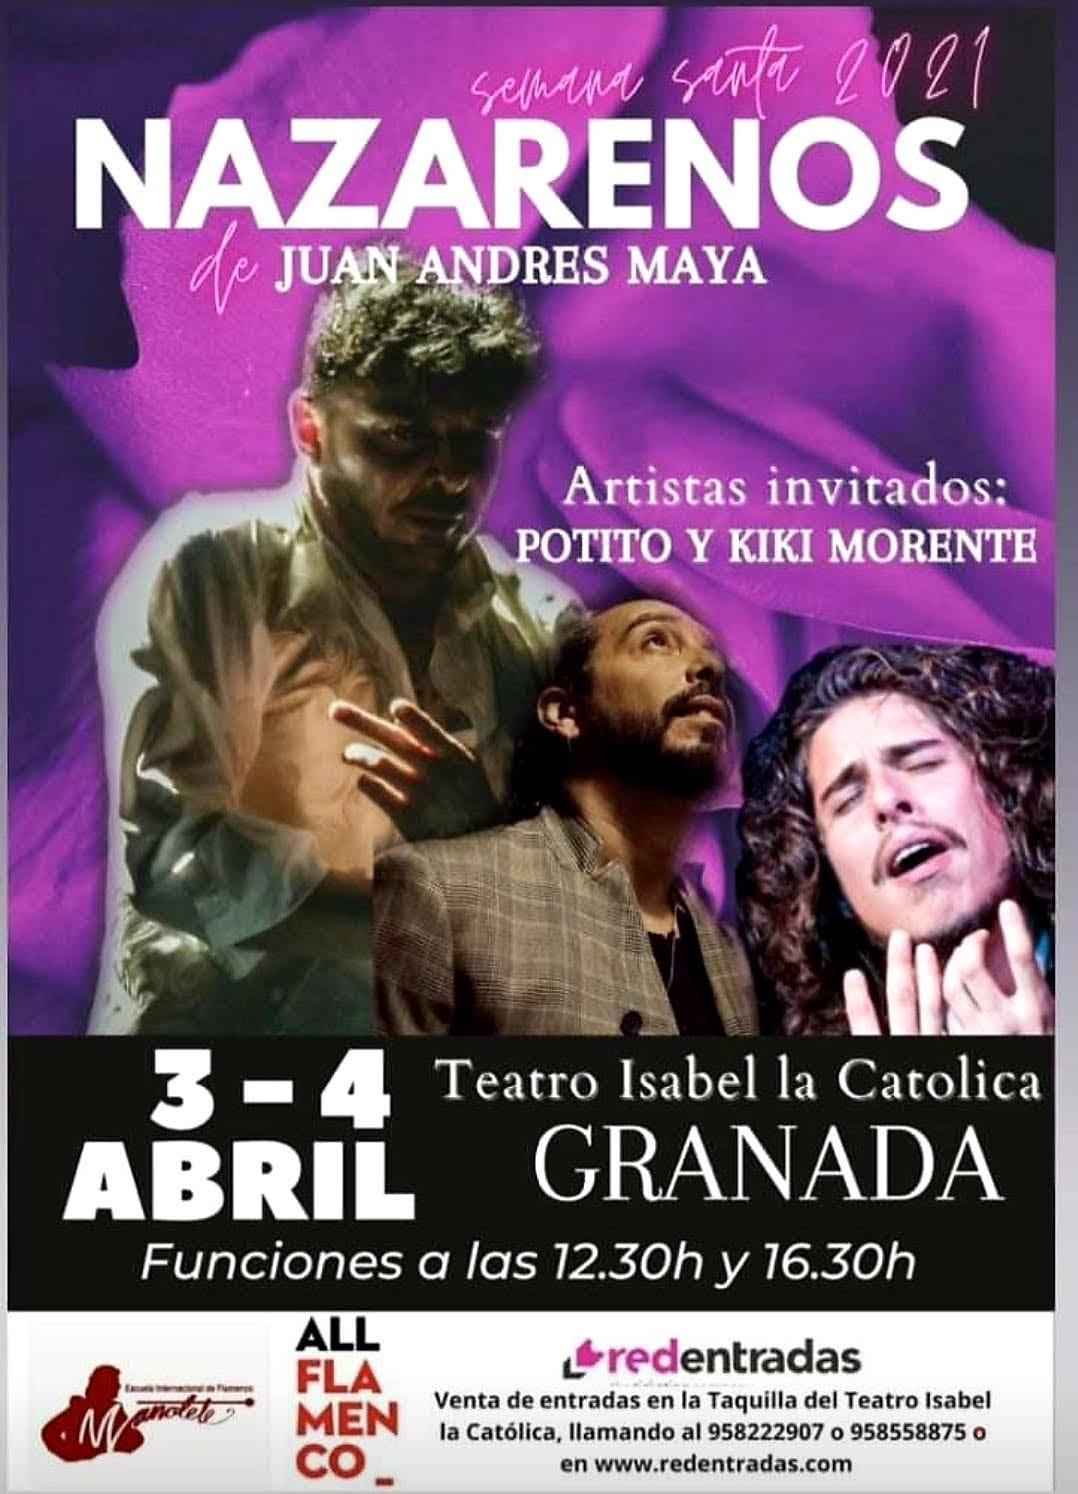 Nazarenos - Juan Andrés Maya